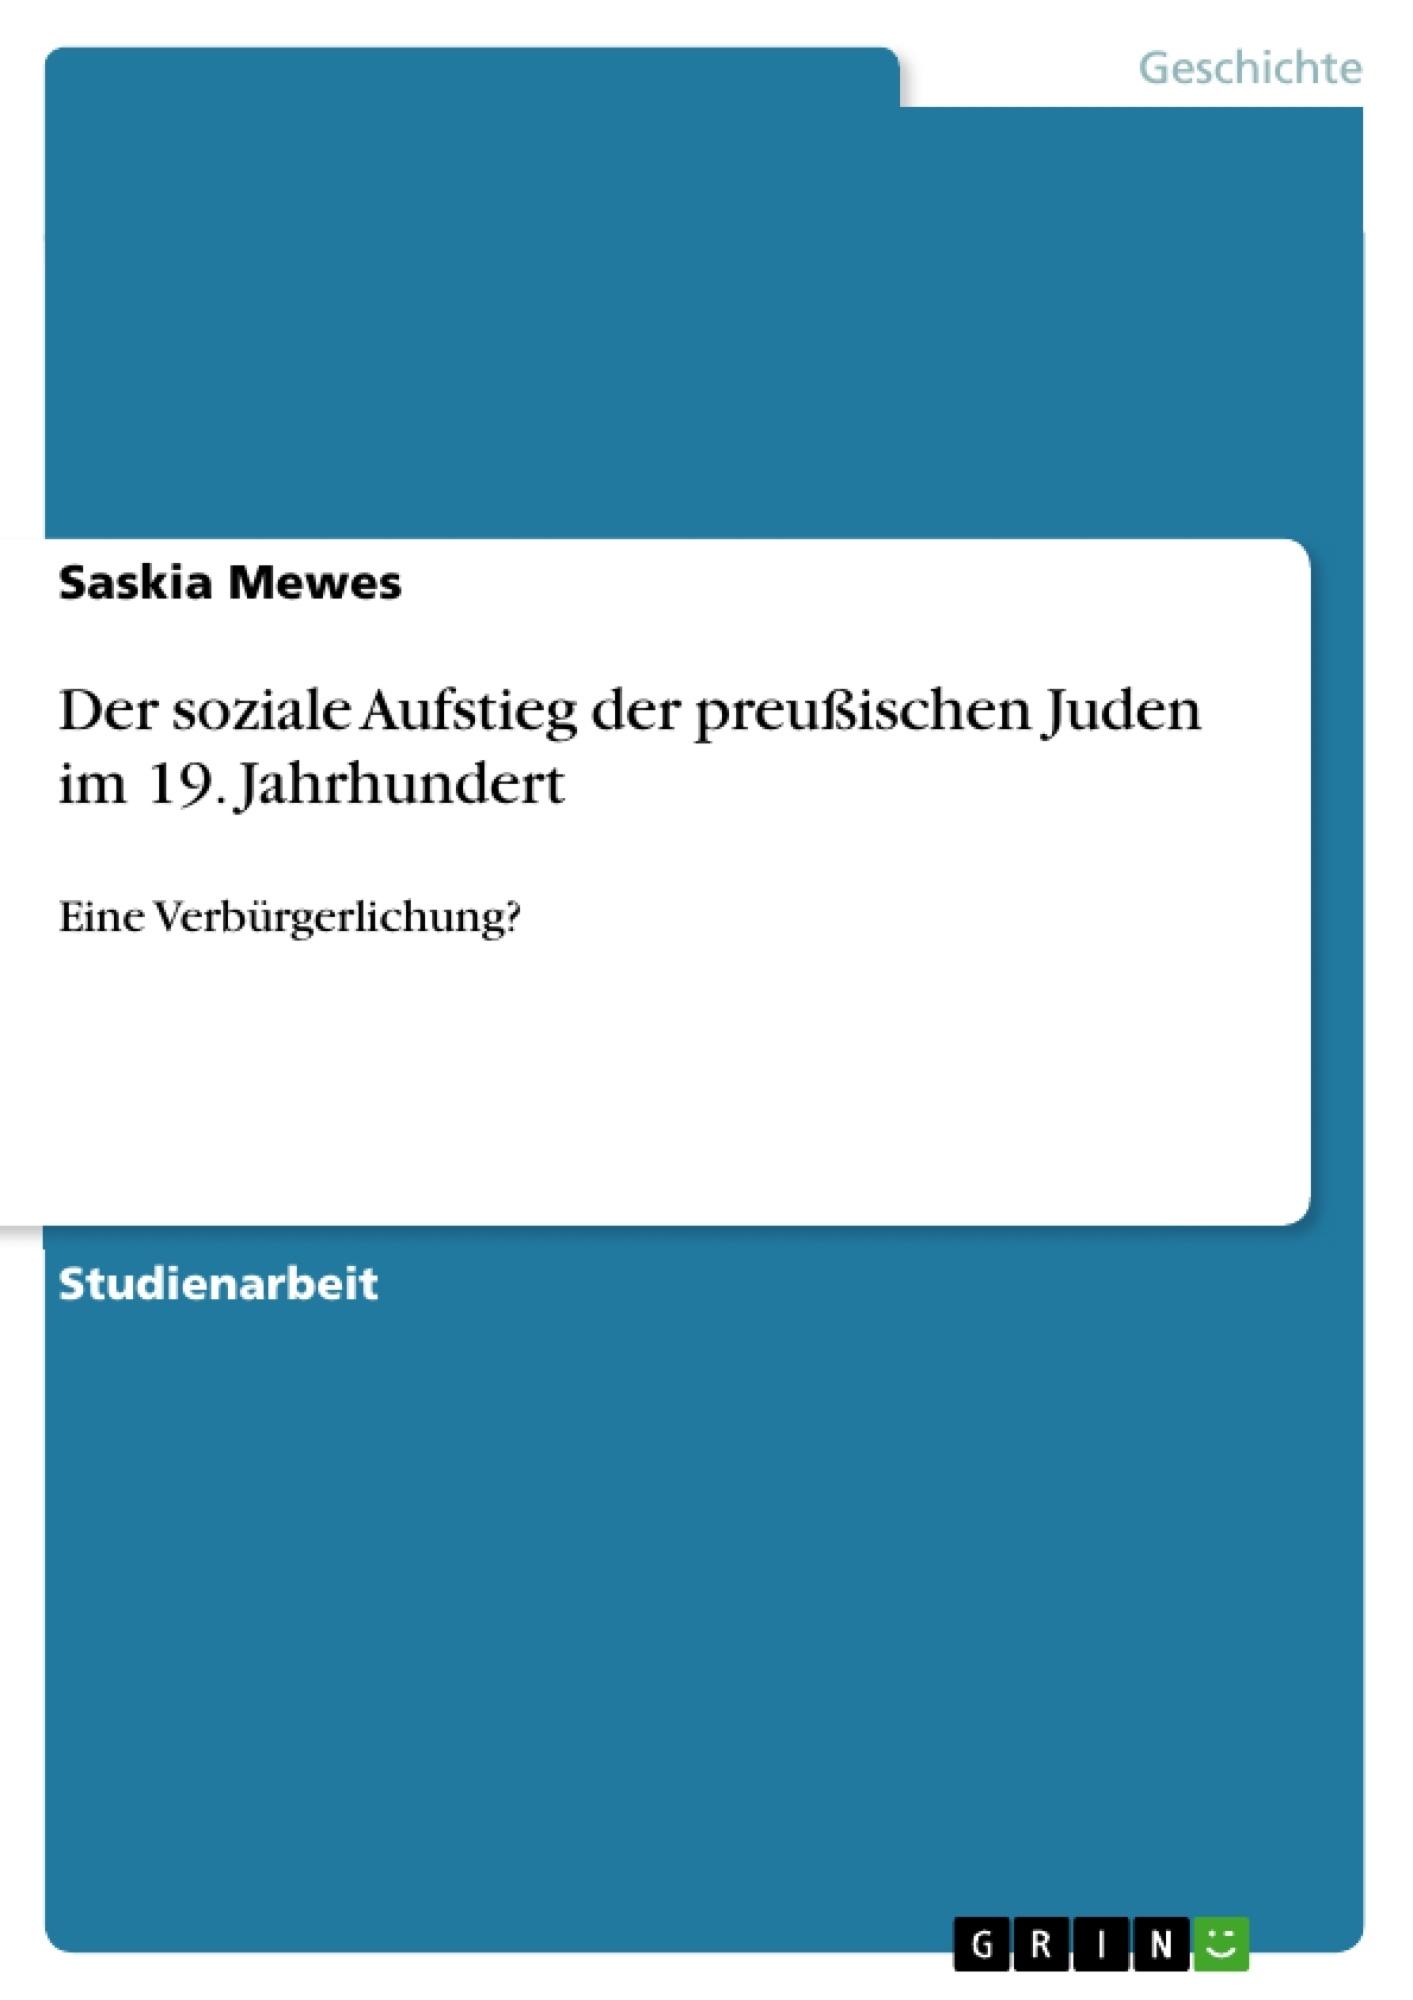 Titel: Der soziale Aufstieg der preußischen Juden im 19. Jahrhundert